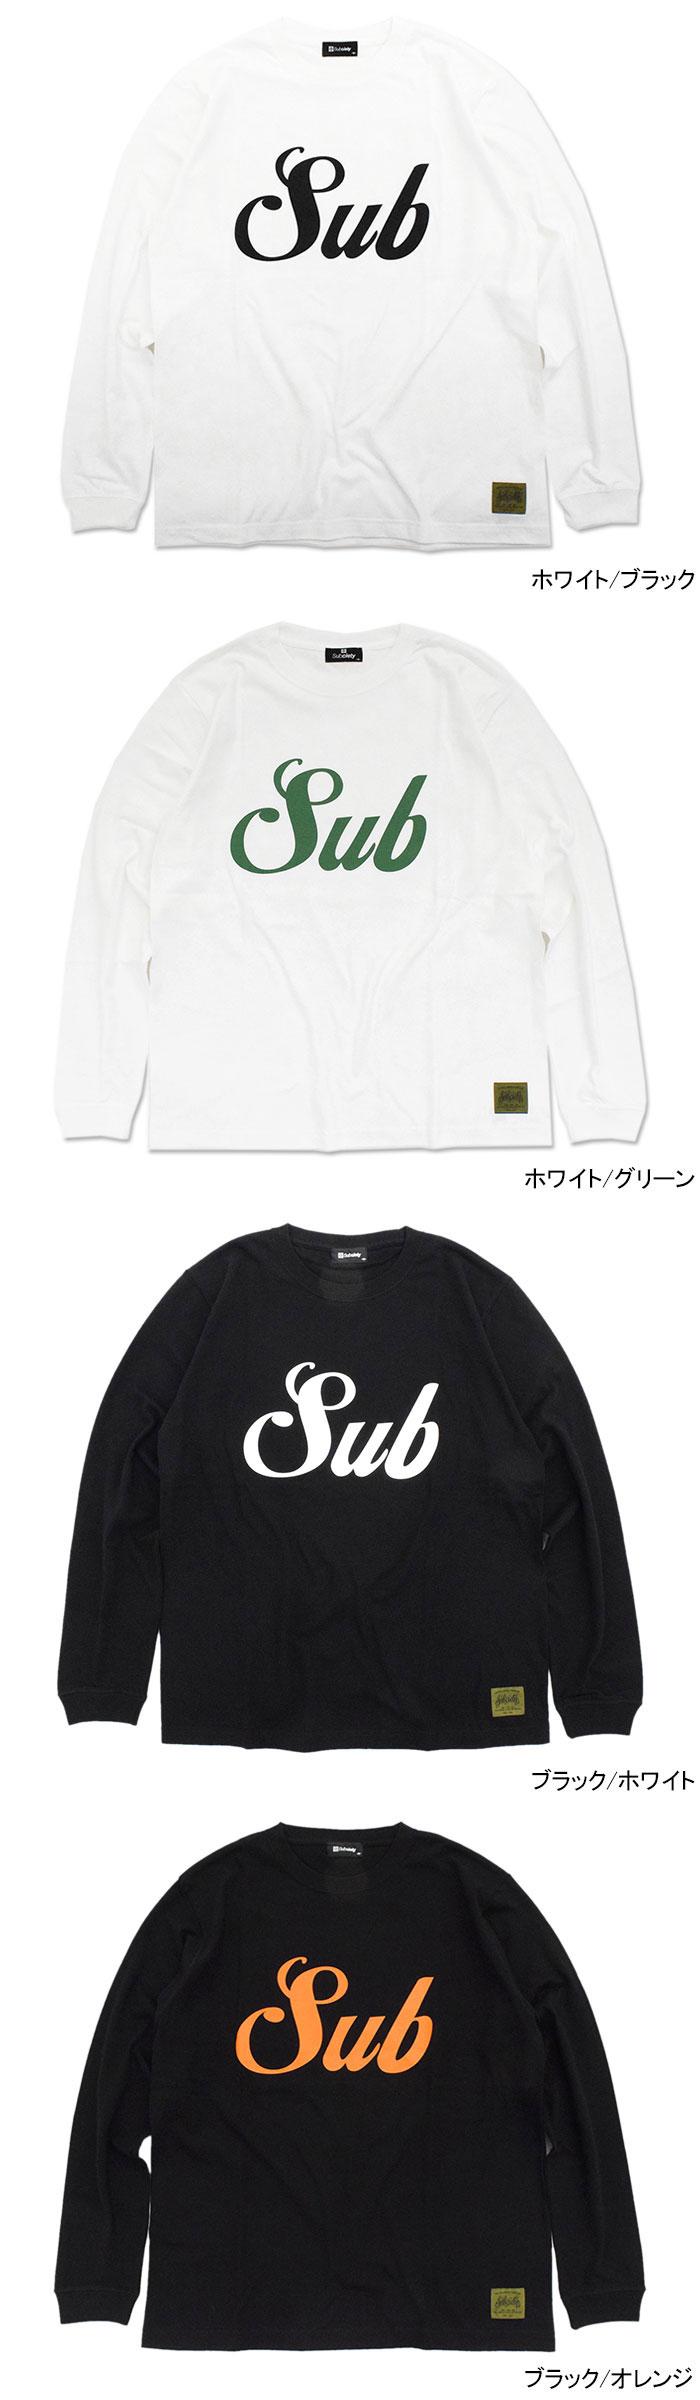 SubcietyサブサエティのTシャツ Middle Logo06